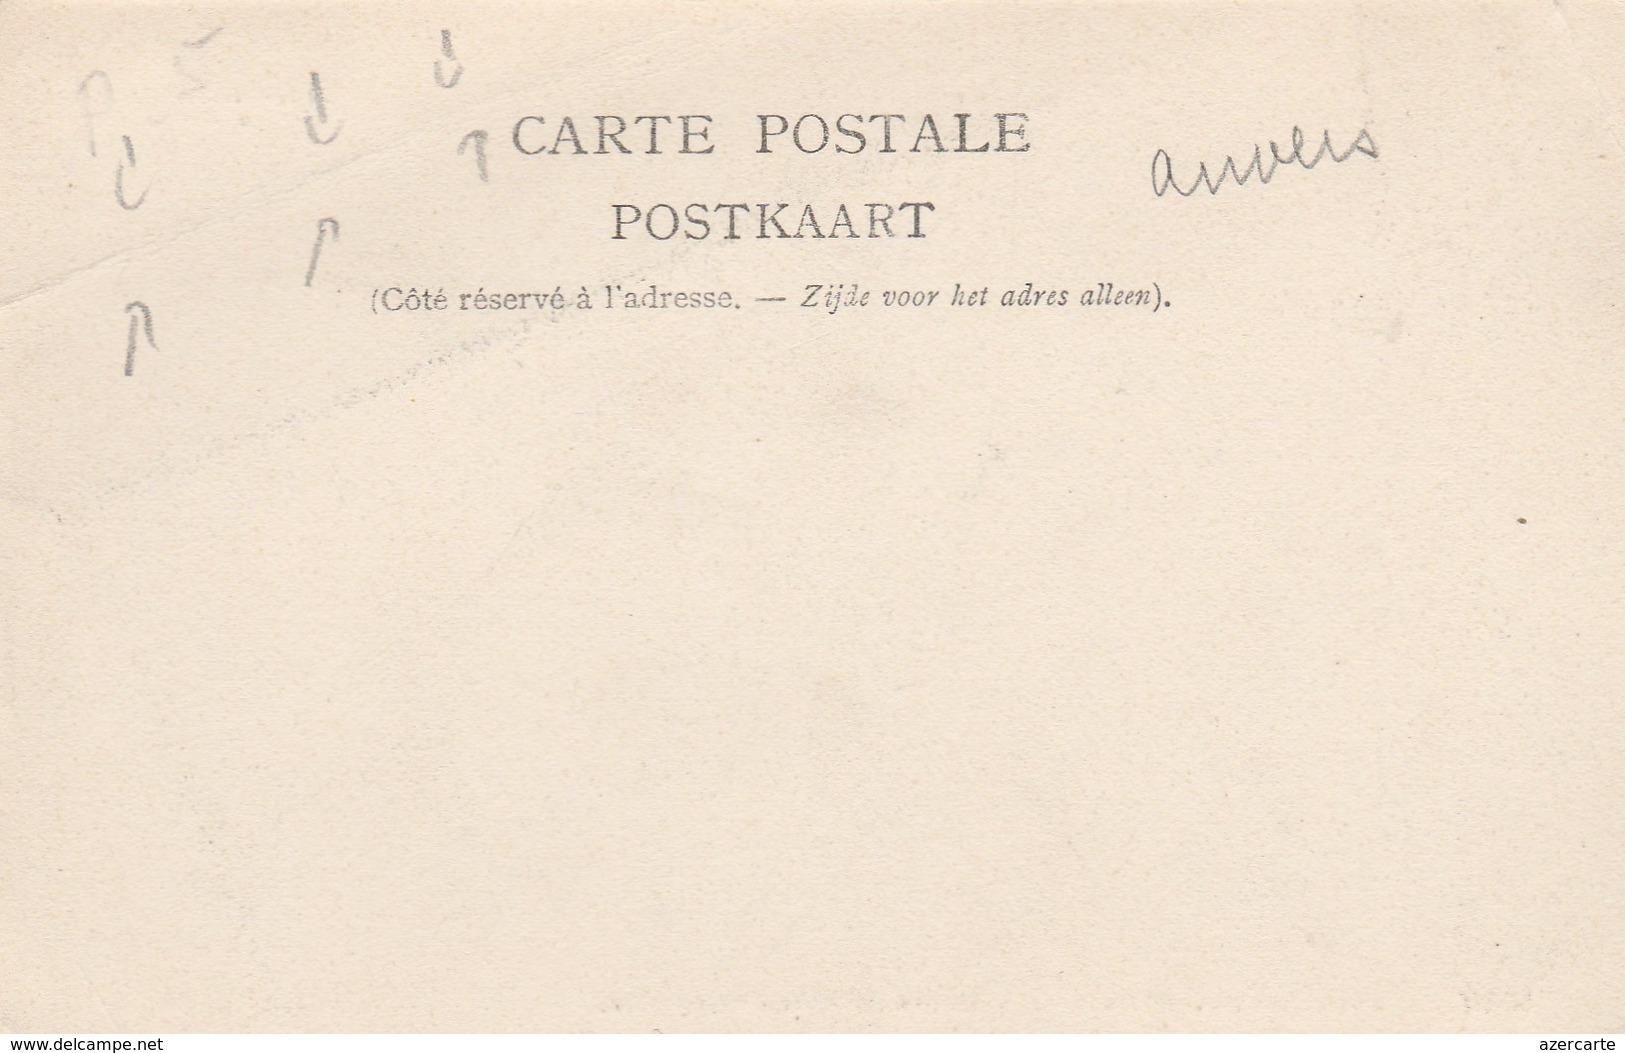 PULLE (Zandhoven,Santhoven ), Chateau De Mr Le Cte Legrelle ( F. Hoelen ,Cappellen ,623 ) - Zandhoven